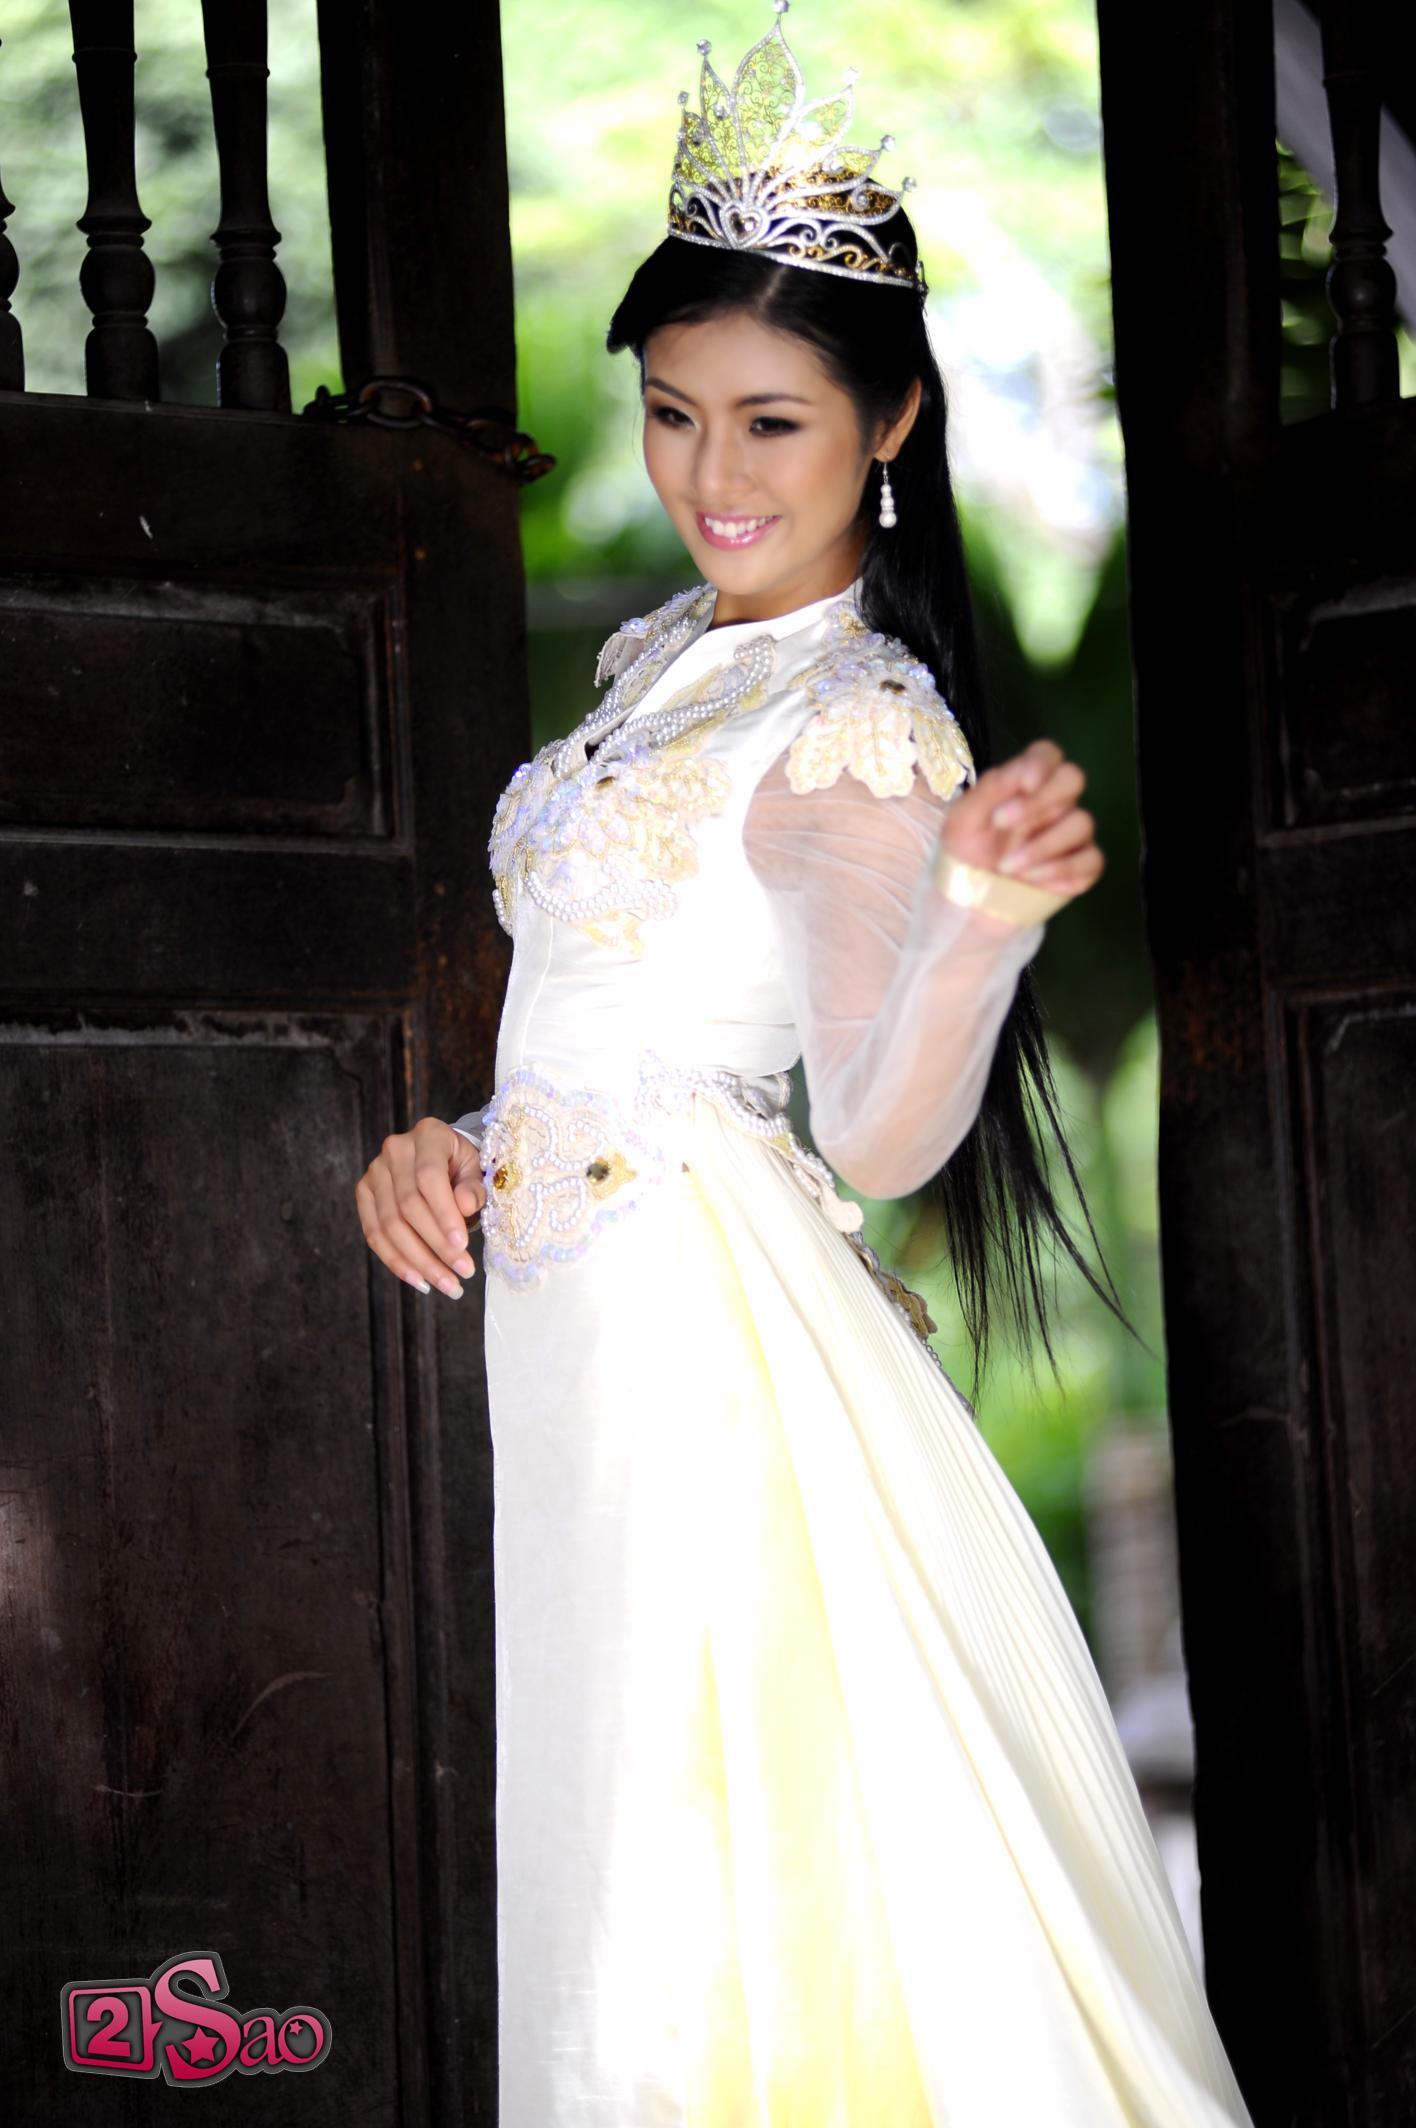 Hoa hậu Ngọc Hân mặc áo dài.jpg